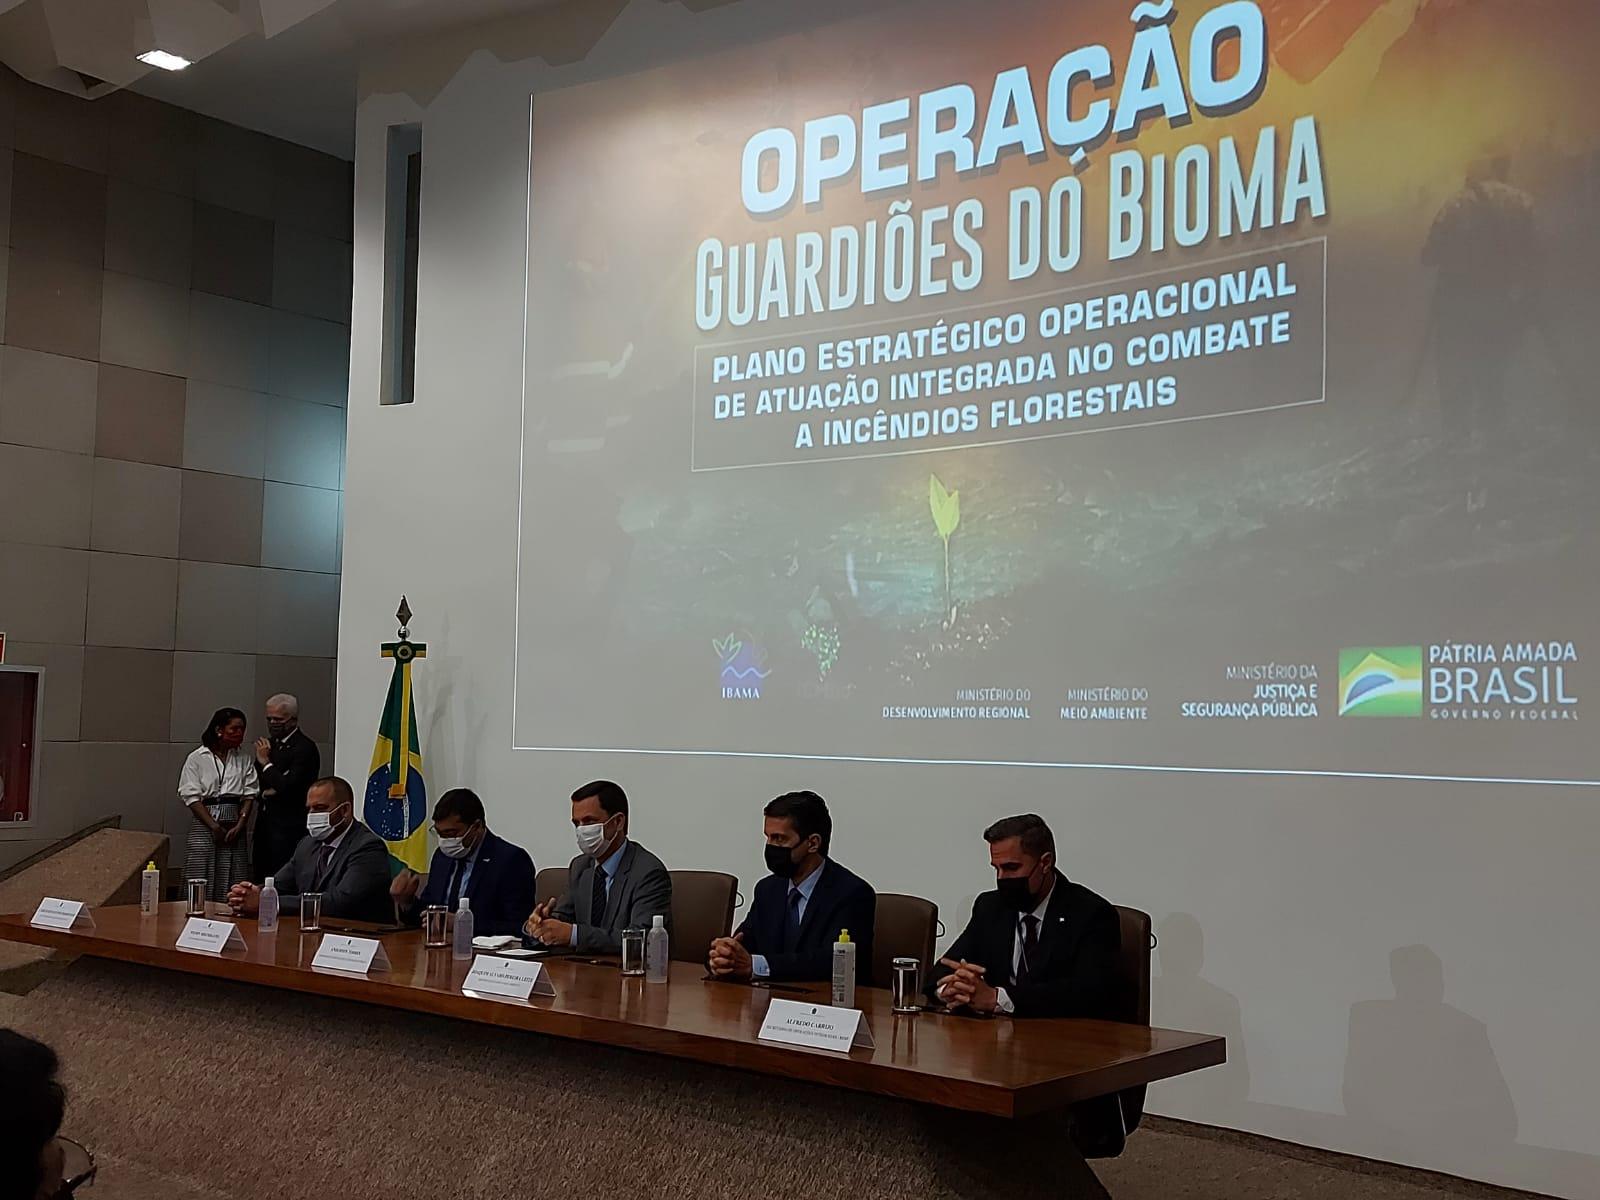 Polícia Militar e Corpo de Bombeiros participam do lançamento do Plano integrado de combate a incêndios, em Brasília